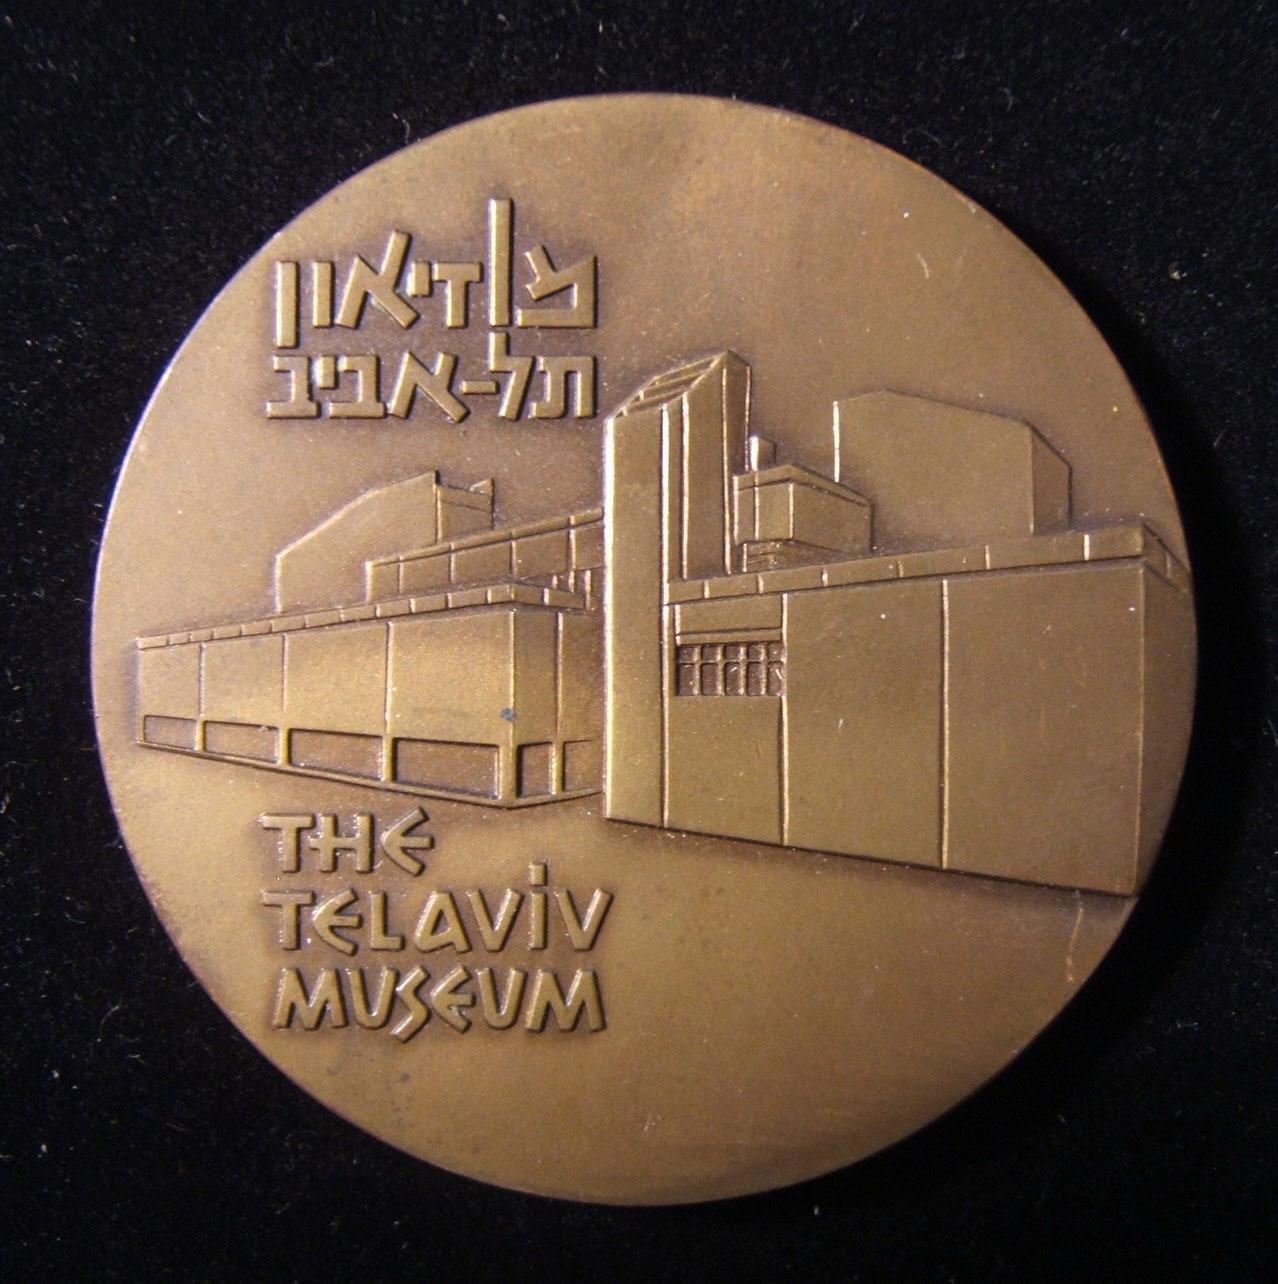 מוזיאון תל אביב לחנוכת מדליית המצבה 1971 של האחים רוולי ושמיר